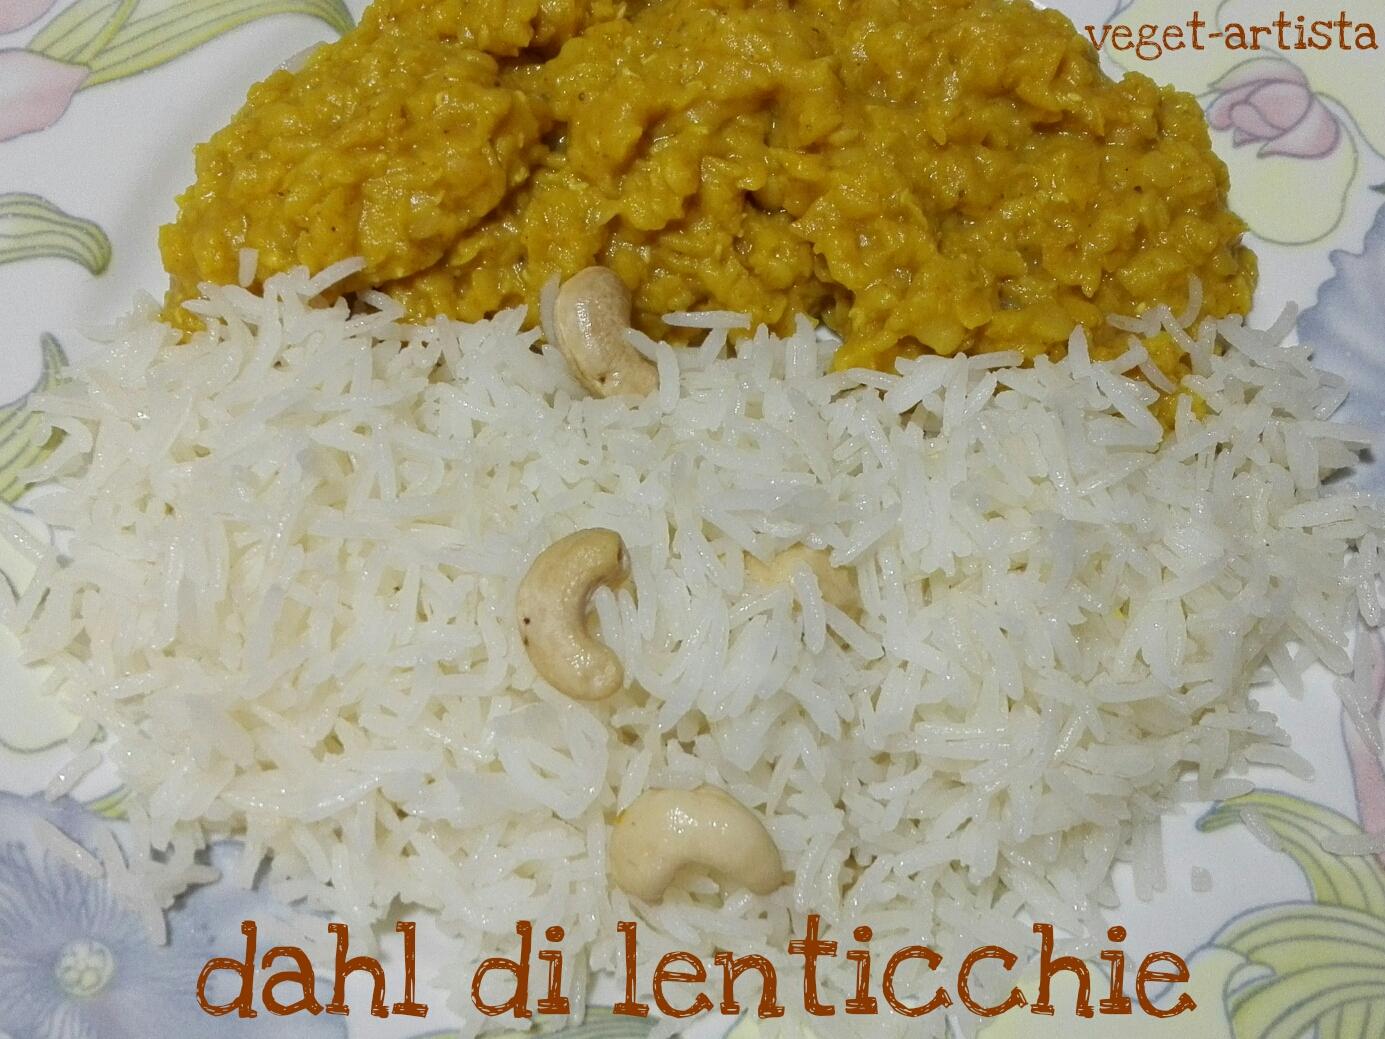 Dahl di lenticchie indiano